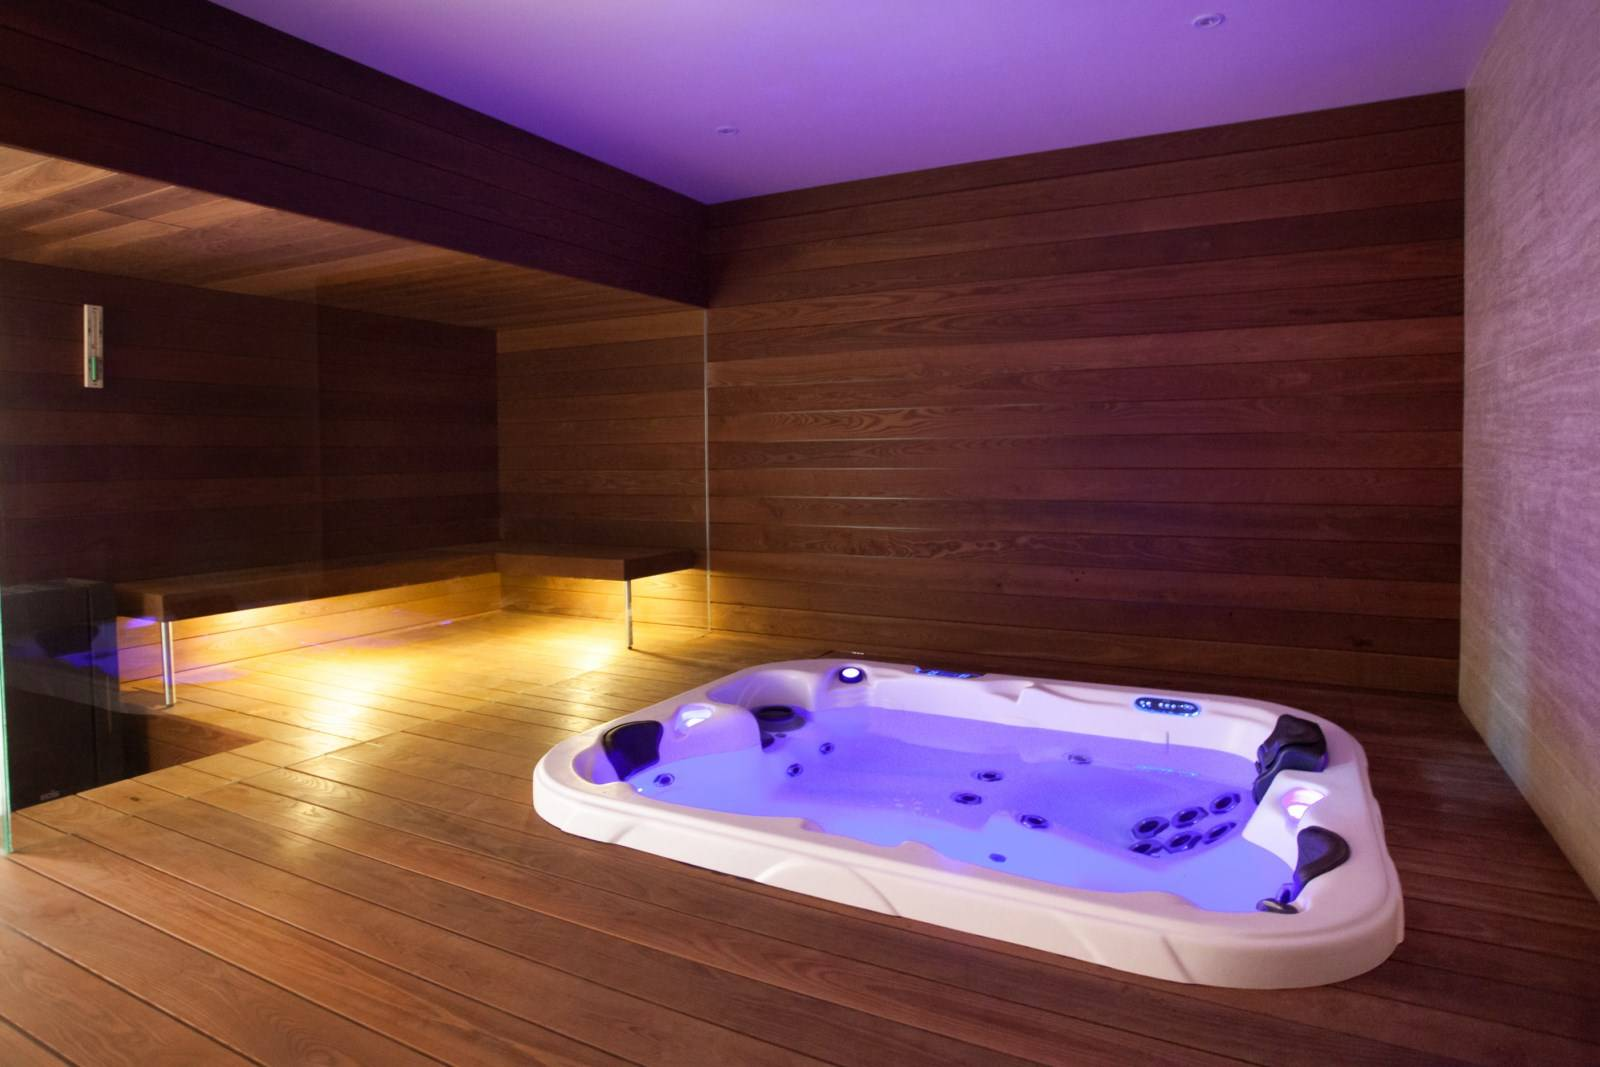 le spa jacuzzi 3 places le triad bayonne distributeur de spas haut de gamme bayonne. Black Bedroom Furniture Sets. Home Design Ideas